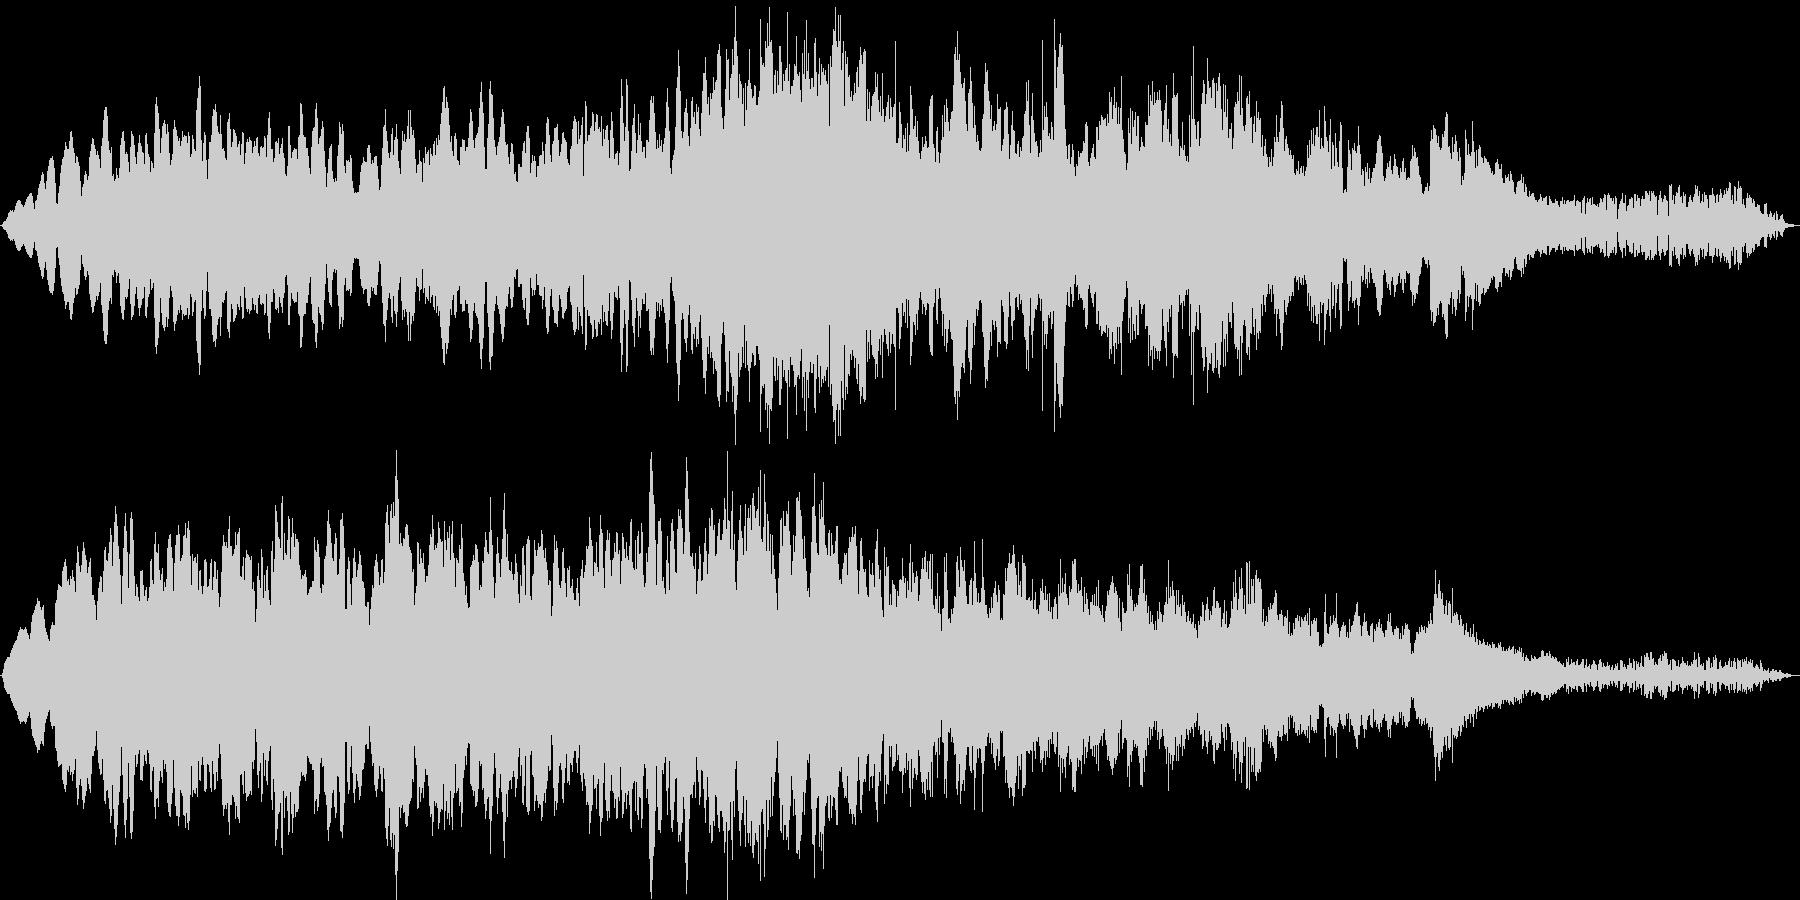 「幻想的なイメージのBGM」の未再生の波形